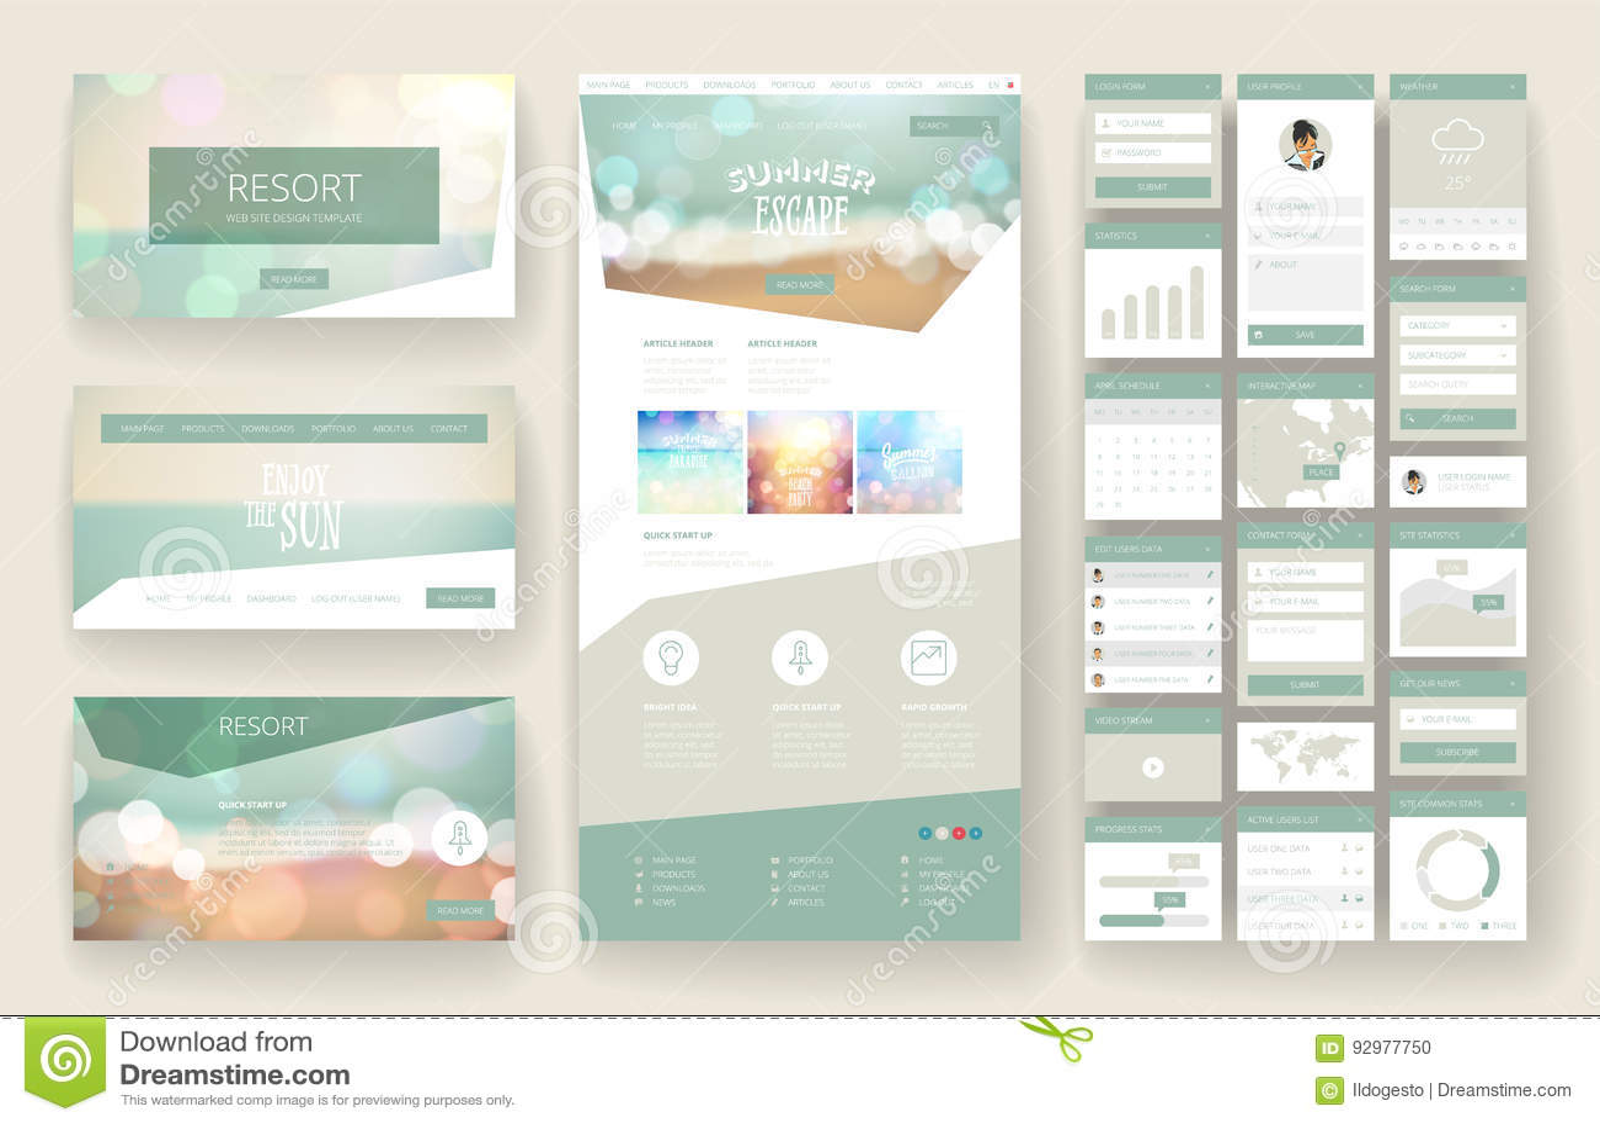 Элементы шаблона и интерфейса дизайна вебсайта